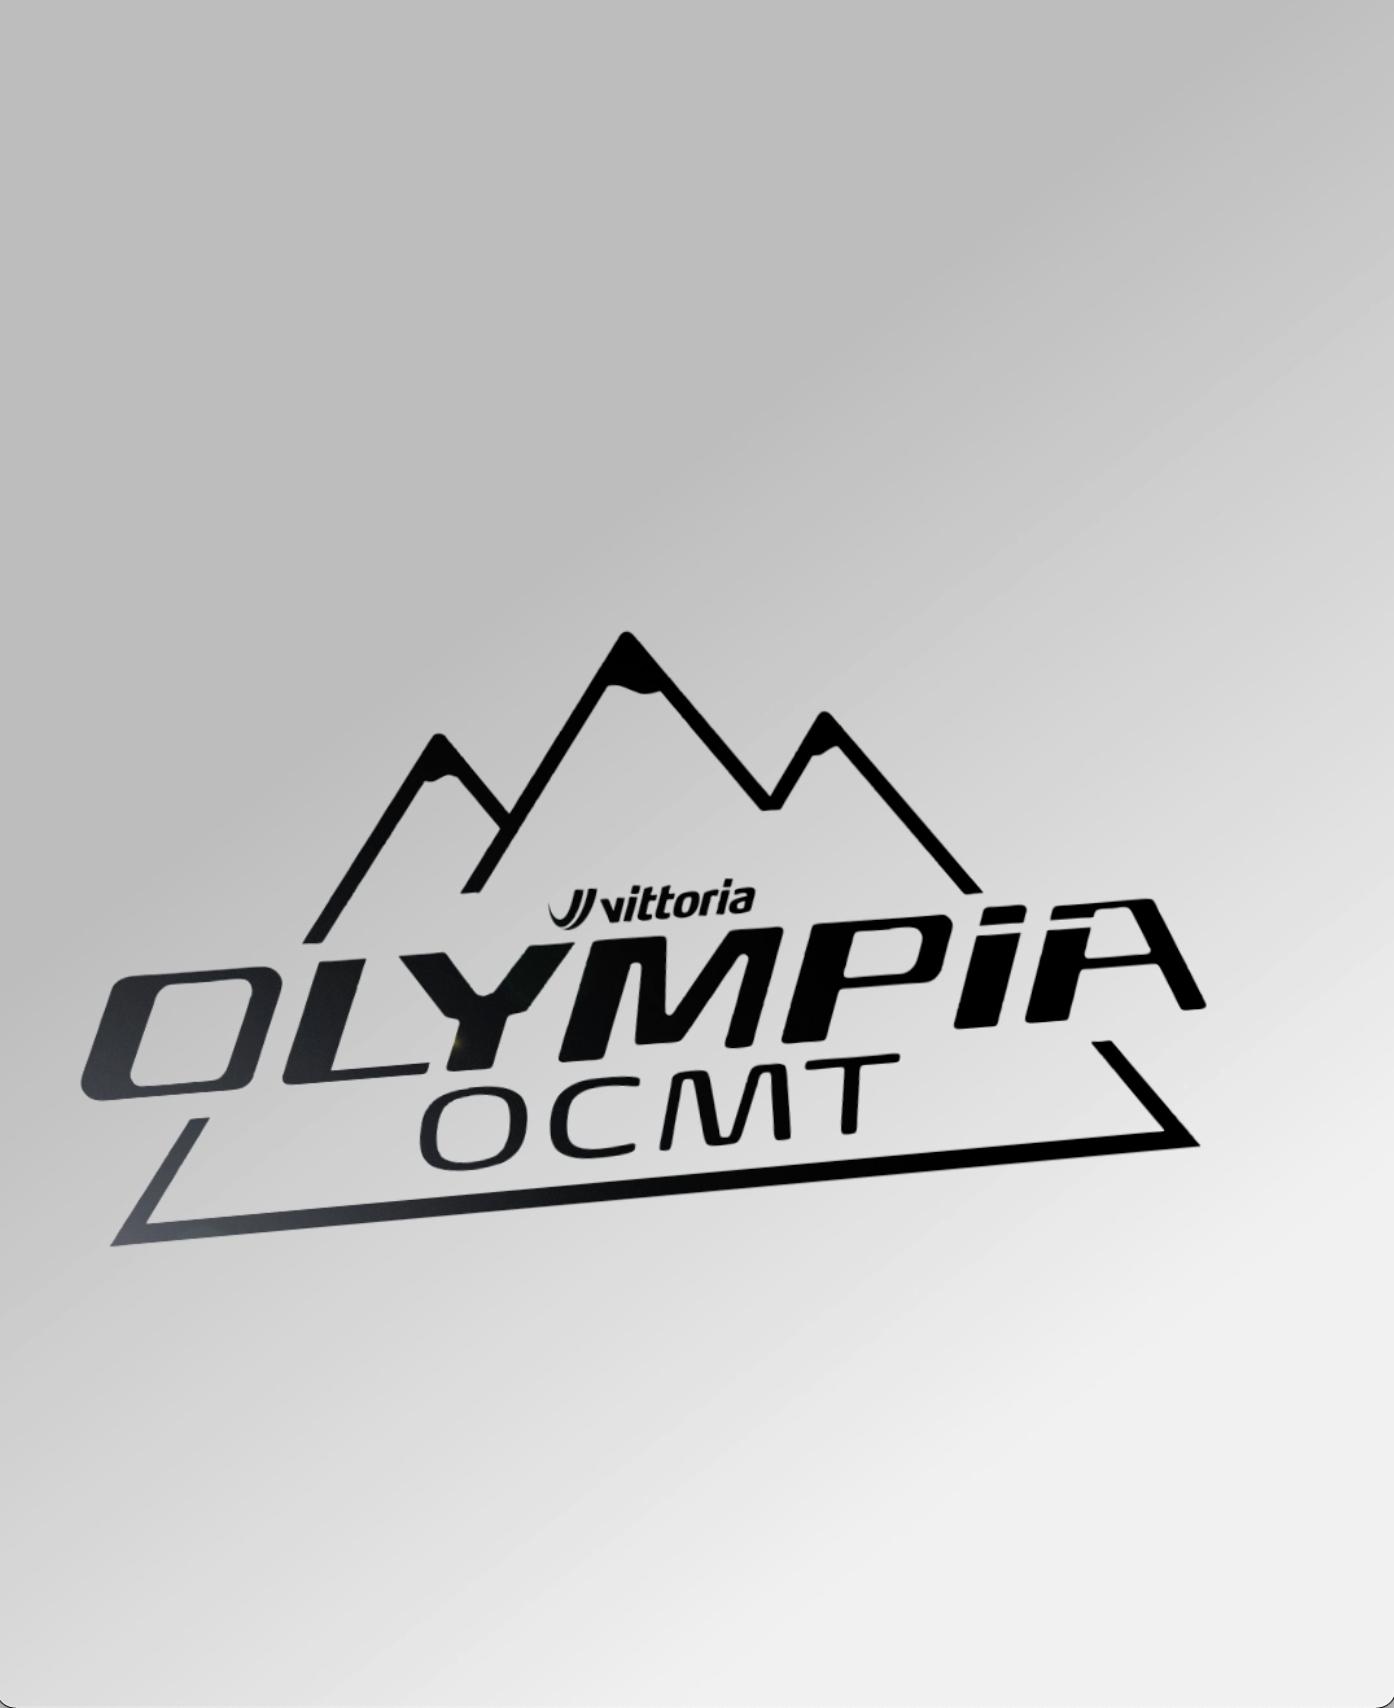 OCMT wordt Hobij Vittoria Development Team